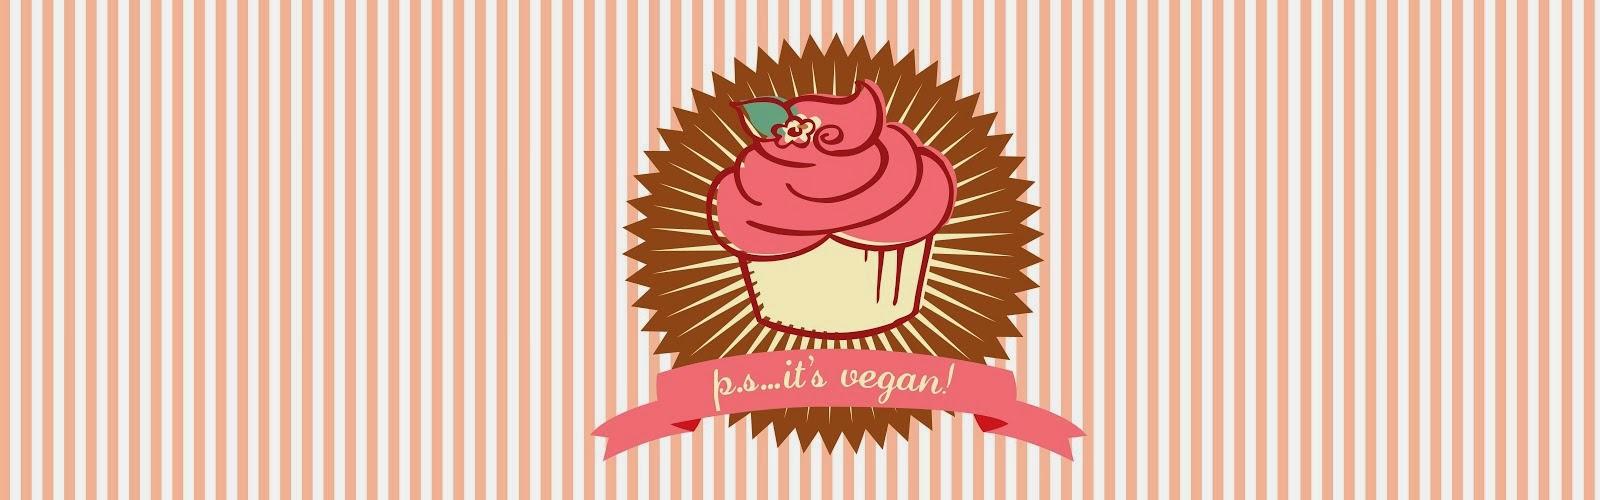 P.s...it's vegan!